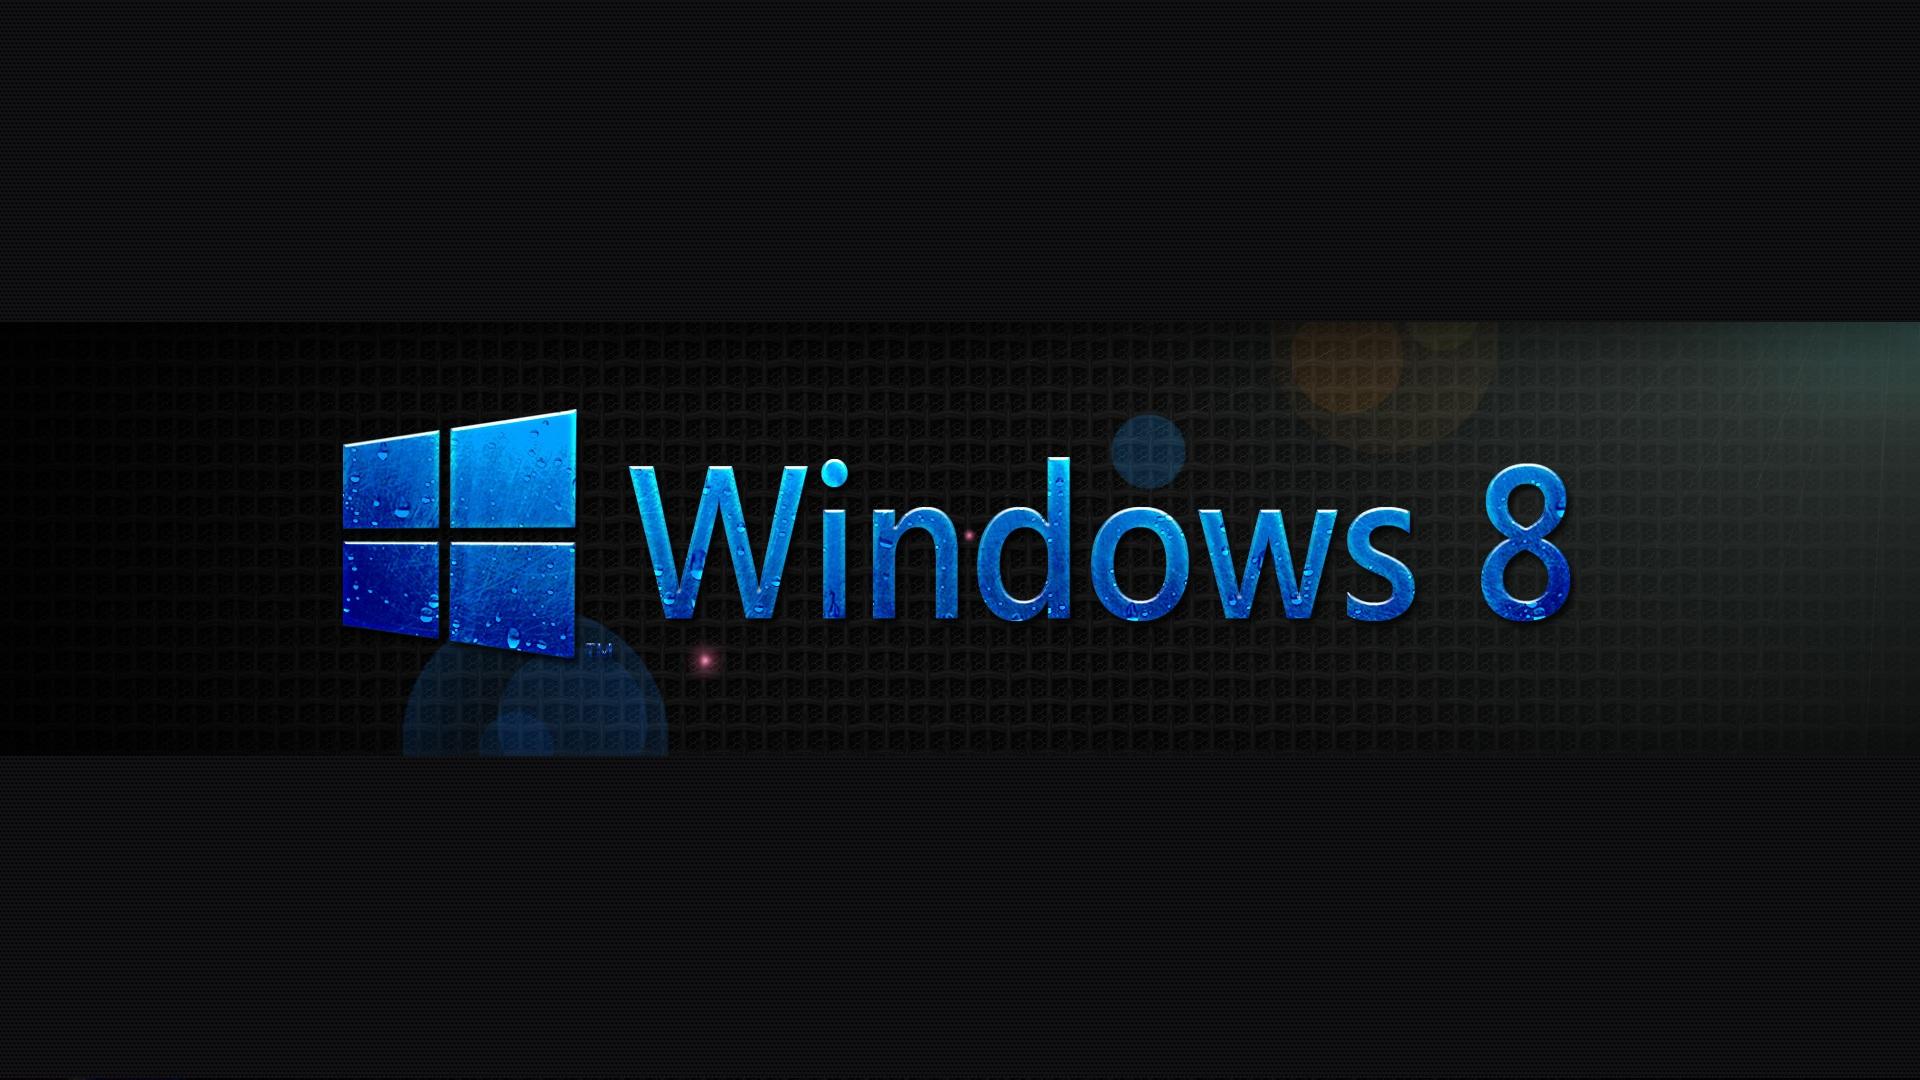 Windows 8 Black wallpaper HD HD Wallpaper 1920x1080